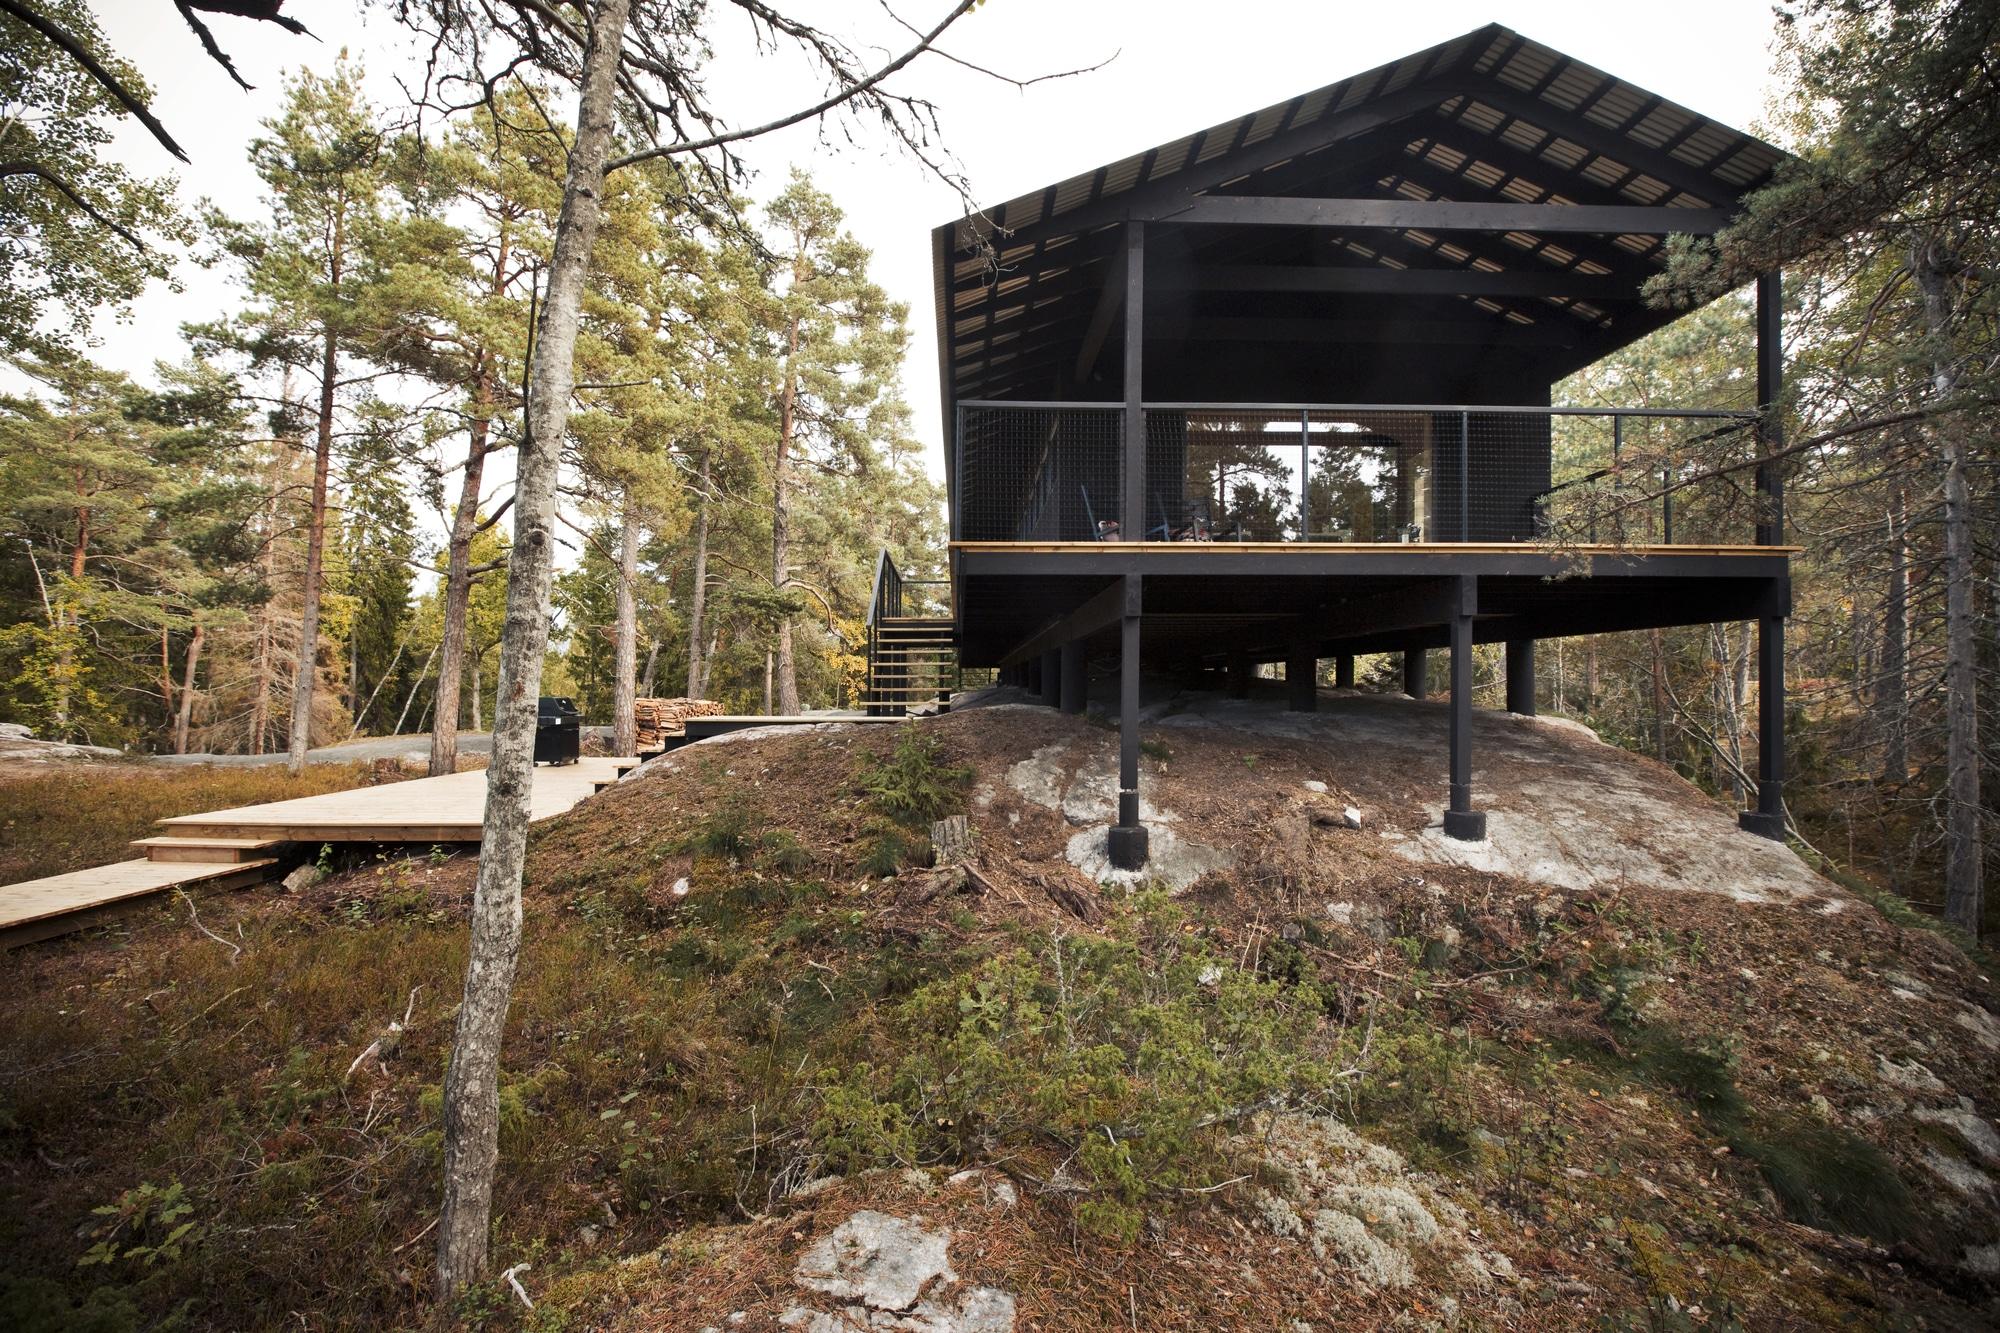 Dise o de casa peque a de madera fachada planos - Casa pequena de madera ...